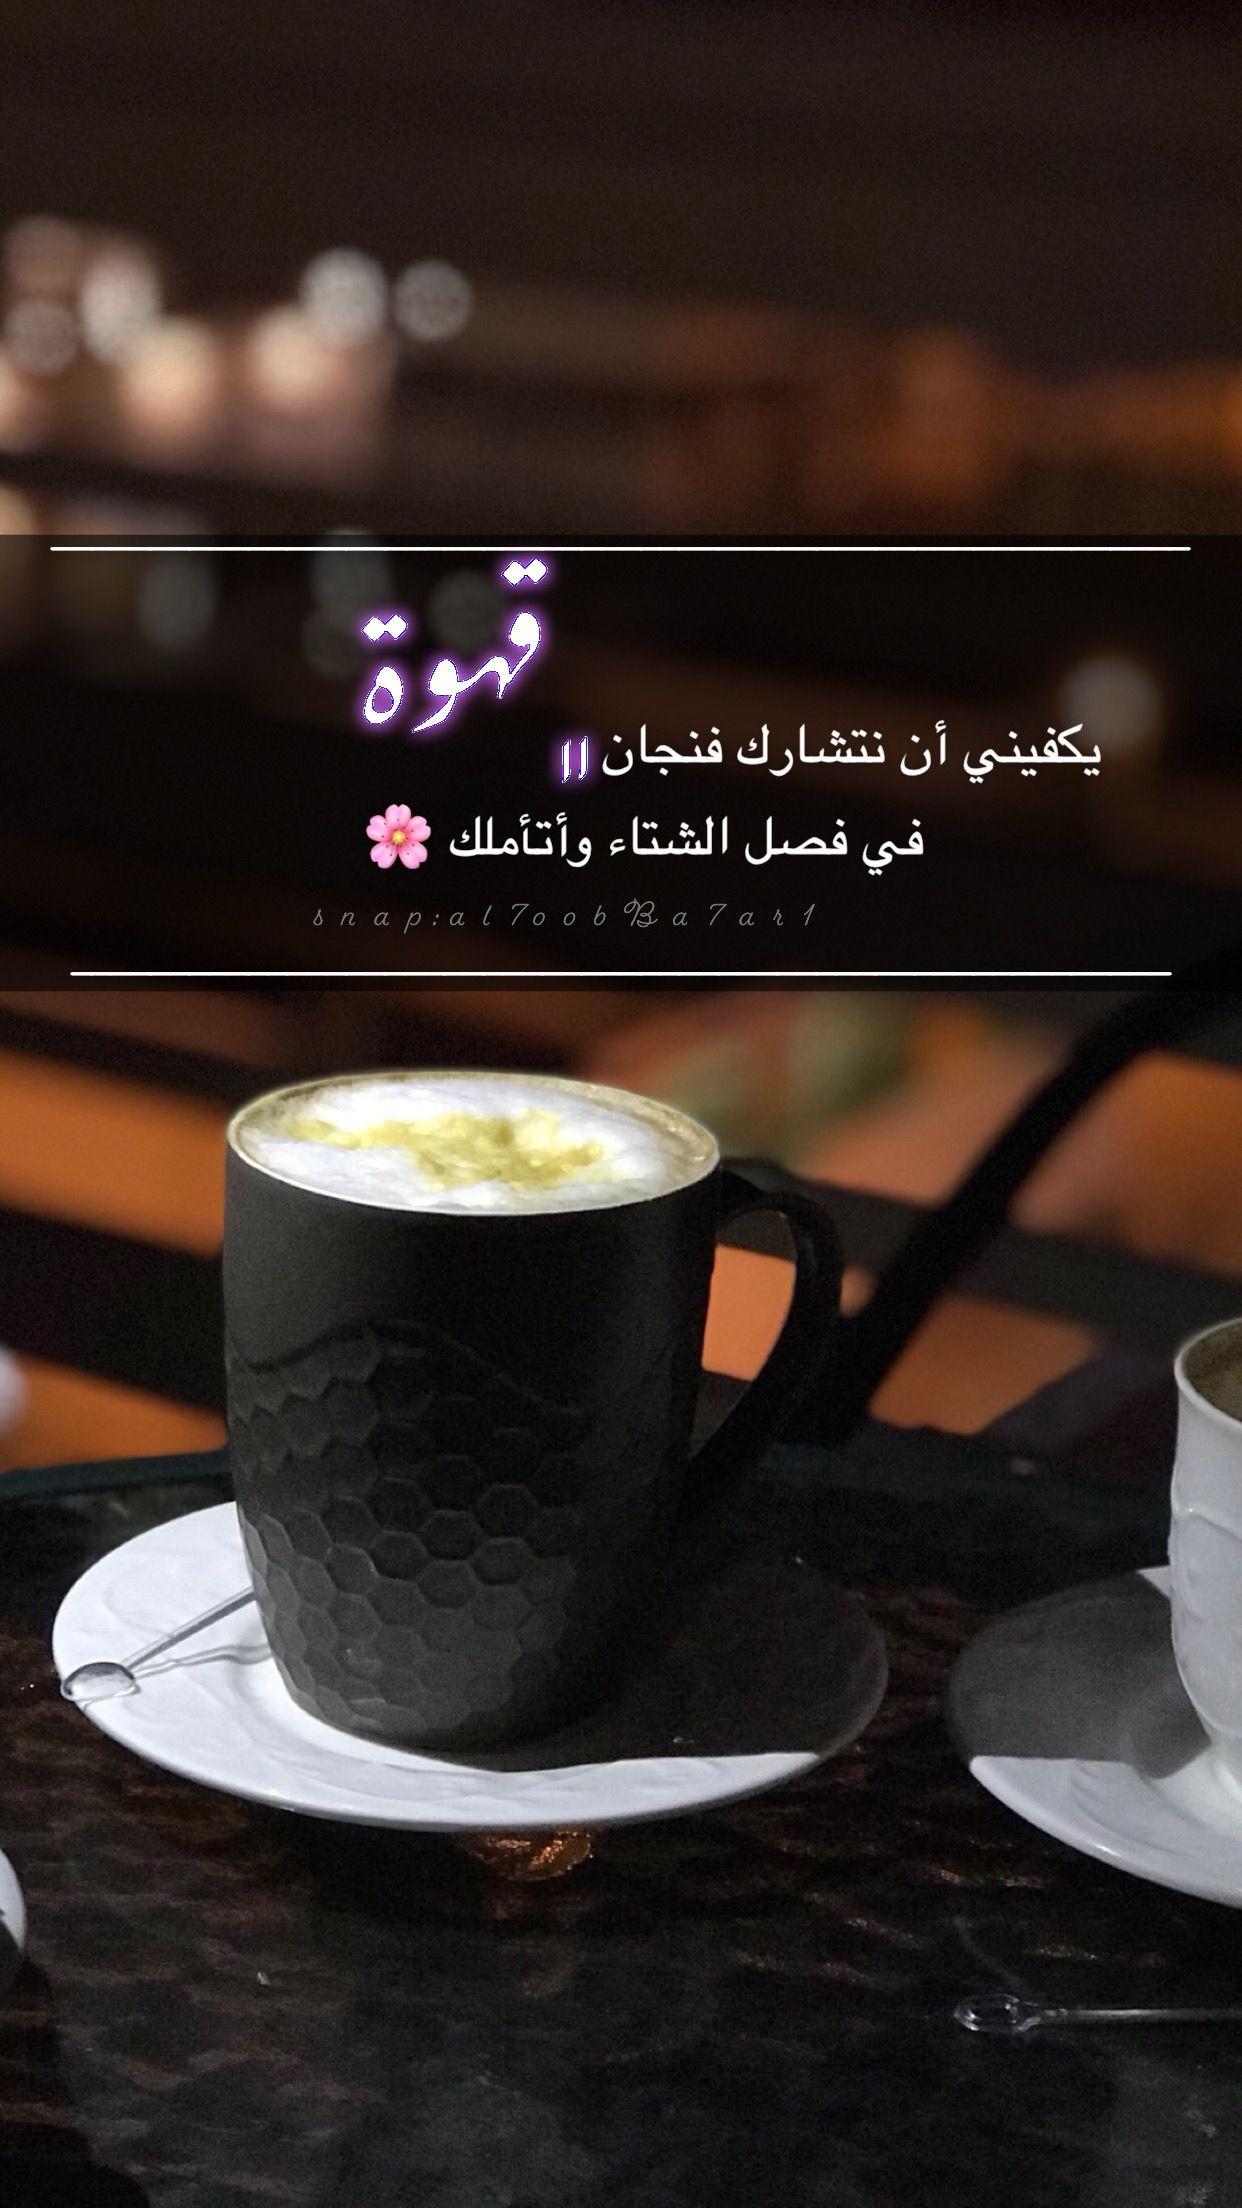 همسة يكفيني أن نتشارك فنجان قهوة في فصل الشتاء وأتأملك تصويري تصويري سناب تصميمي تصميم عزل بو Coffee Quotes Cool Braid Hairstyles Tableware